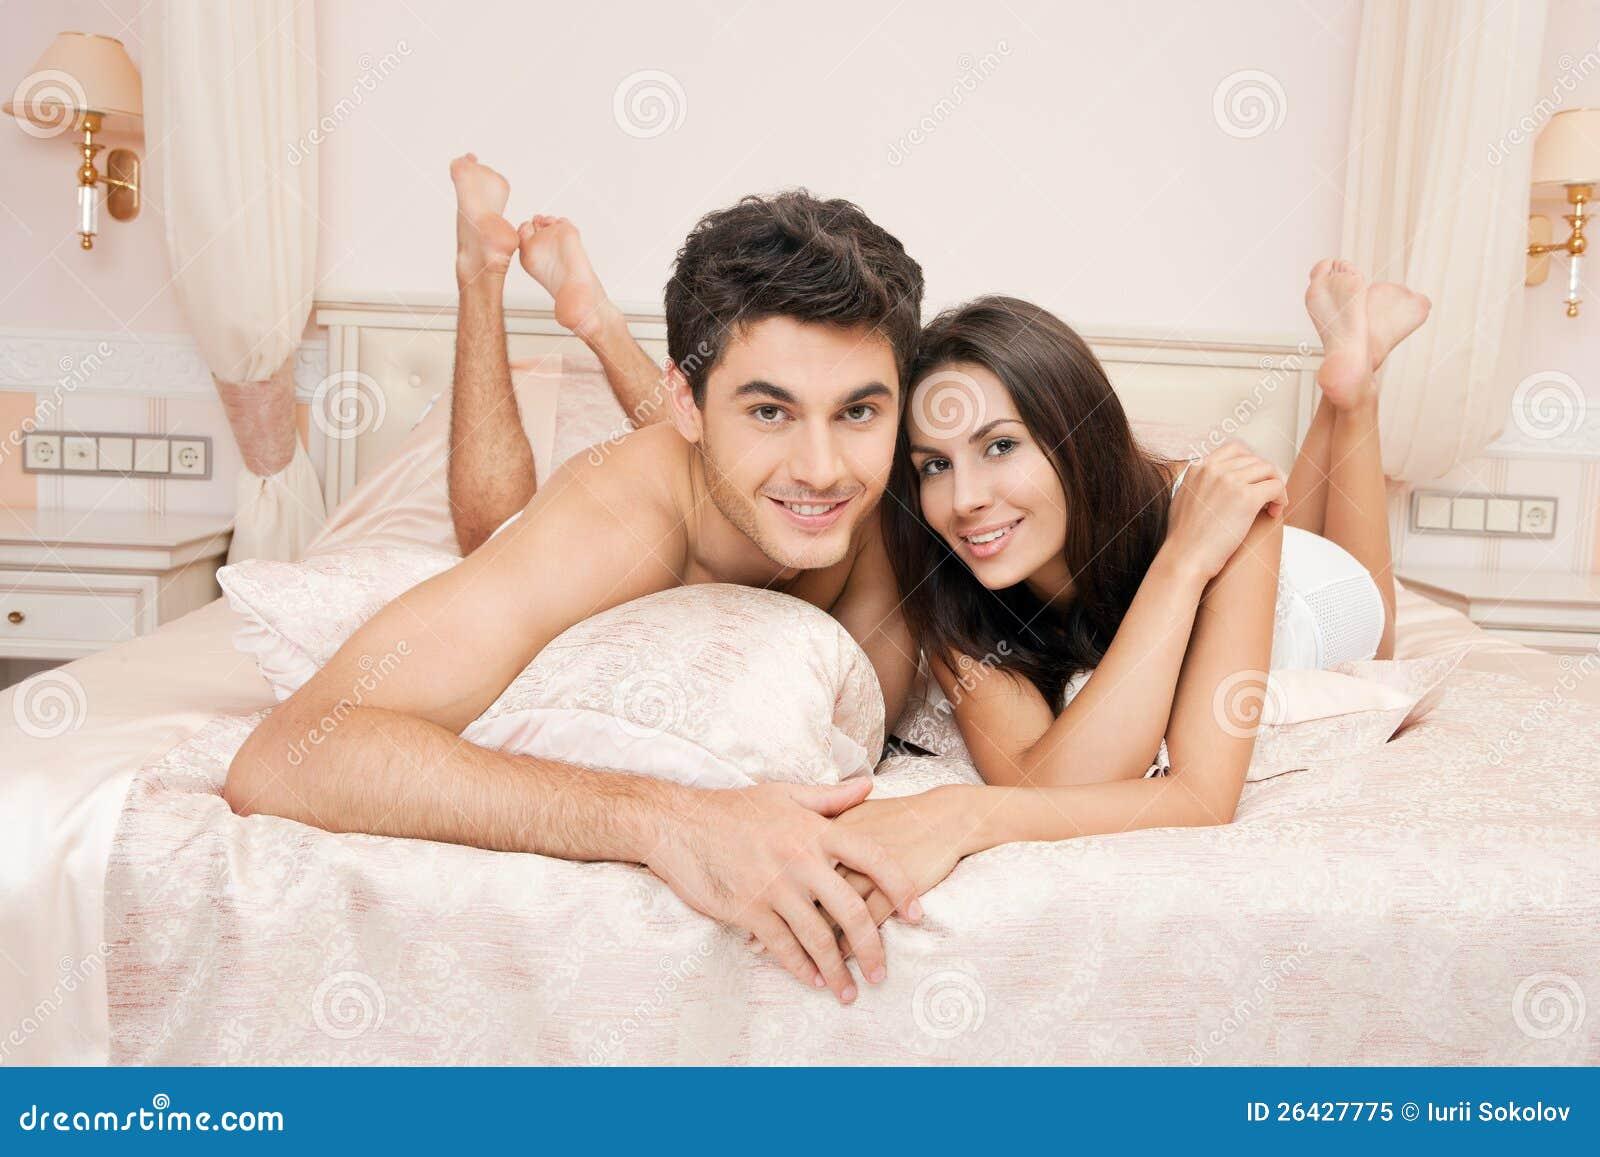 Рассказ о лучшем сексе с женой, Рассказ о сексе Счастливая семья с женой Sexwife 25 фотография